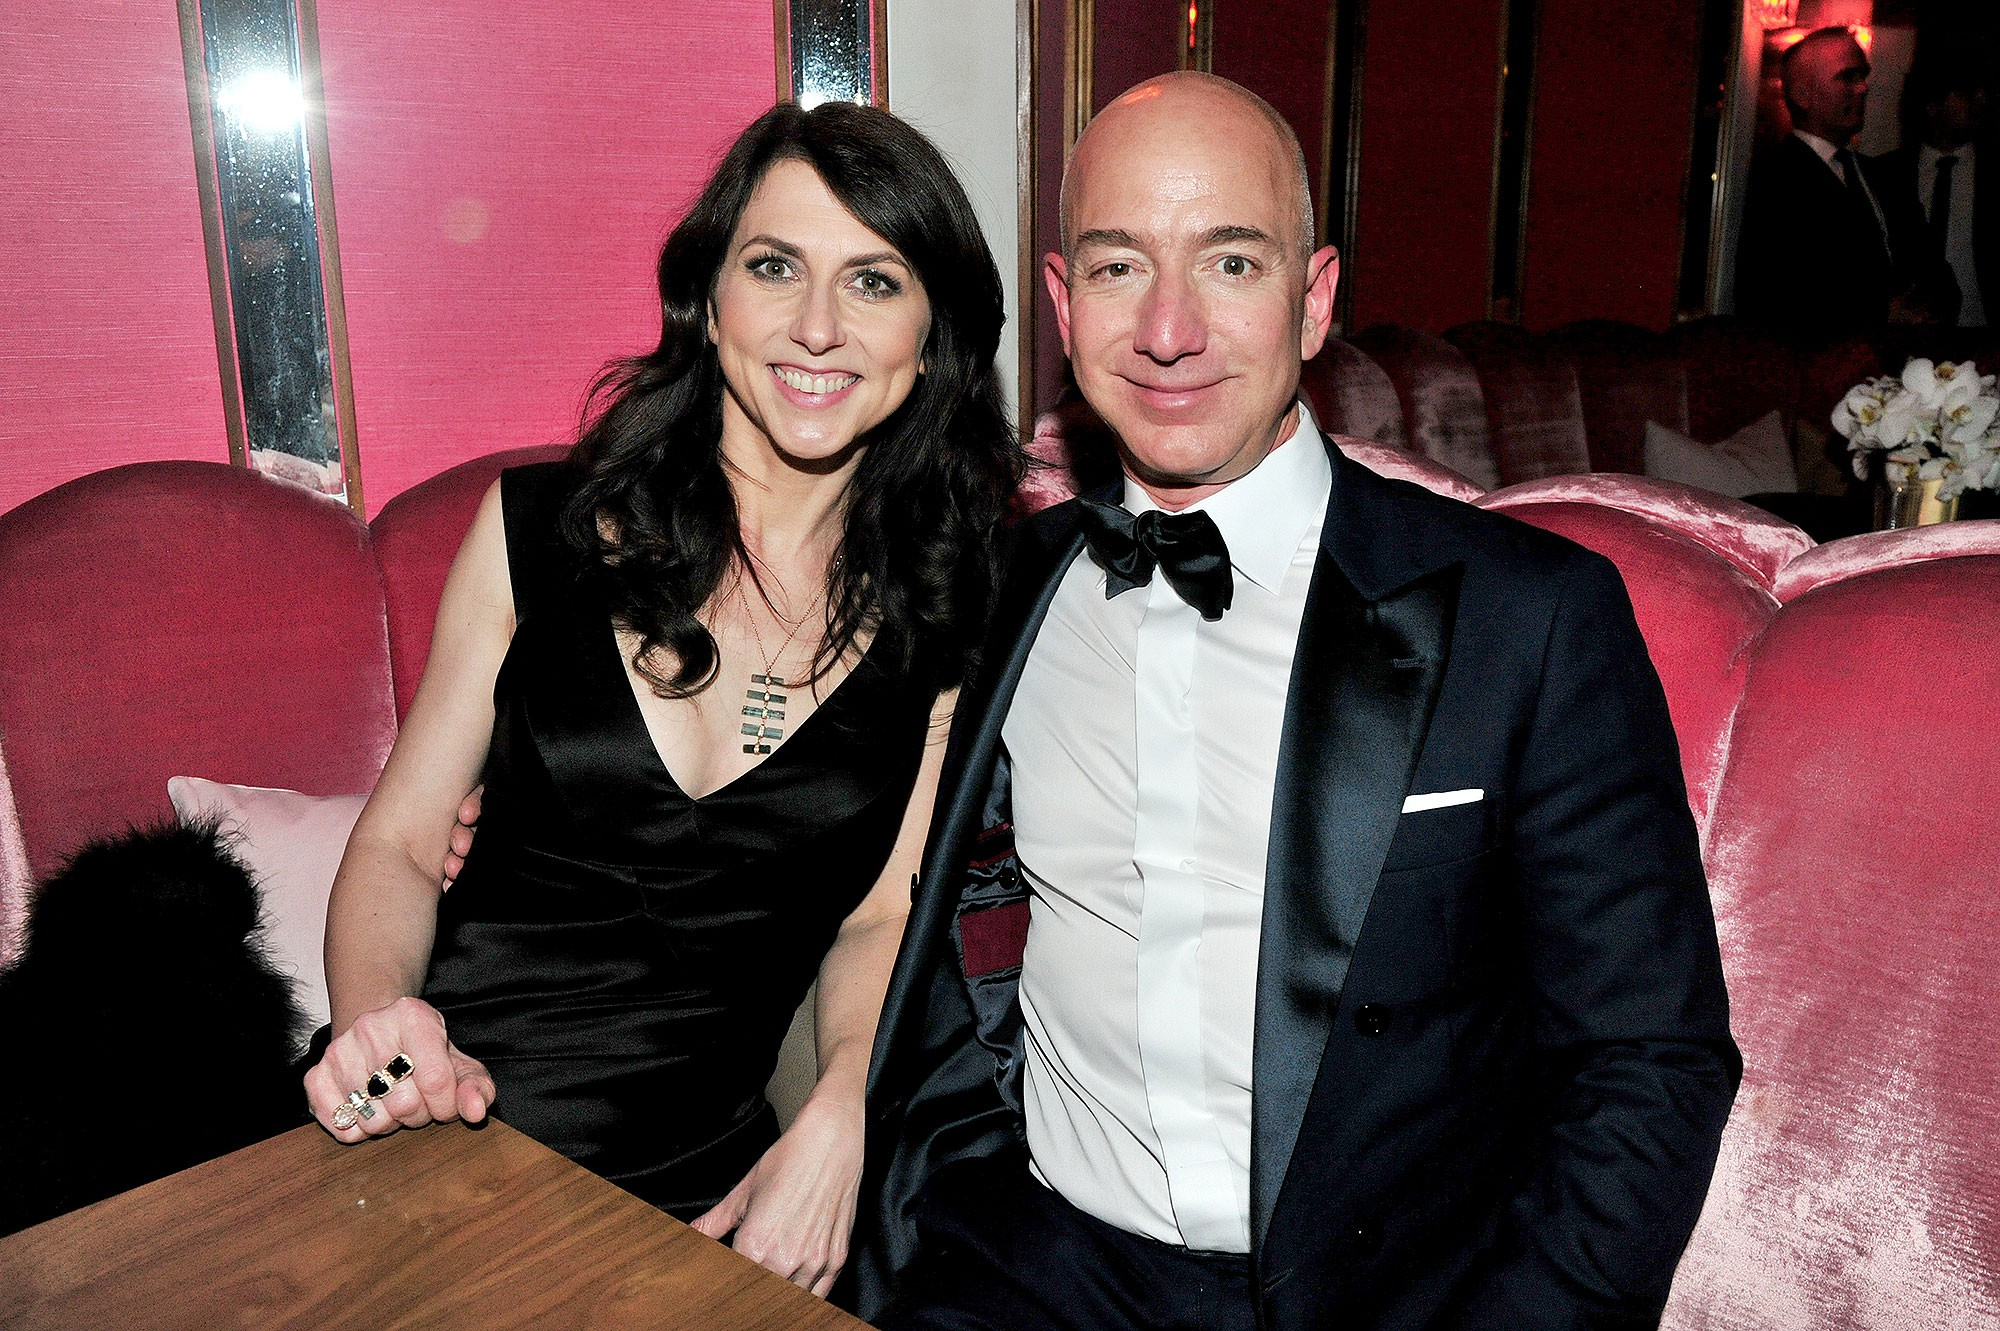 Lương duyên 25 năm của ông chủ Amazon và vợ: Chưa kịp yêu đã cưới từ thuở cơ hàn, tan vỡ trên đỉnh cao giàu sang phú quý-2